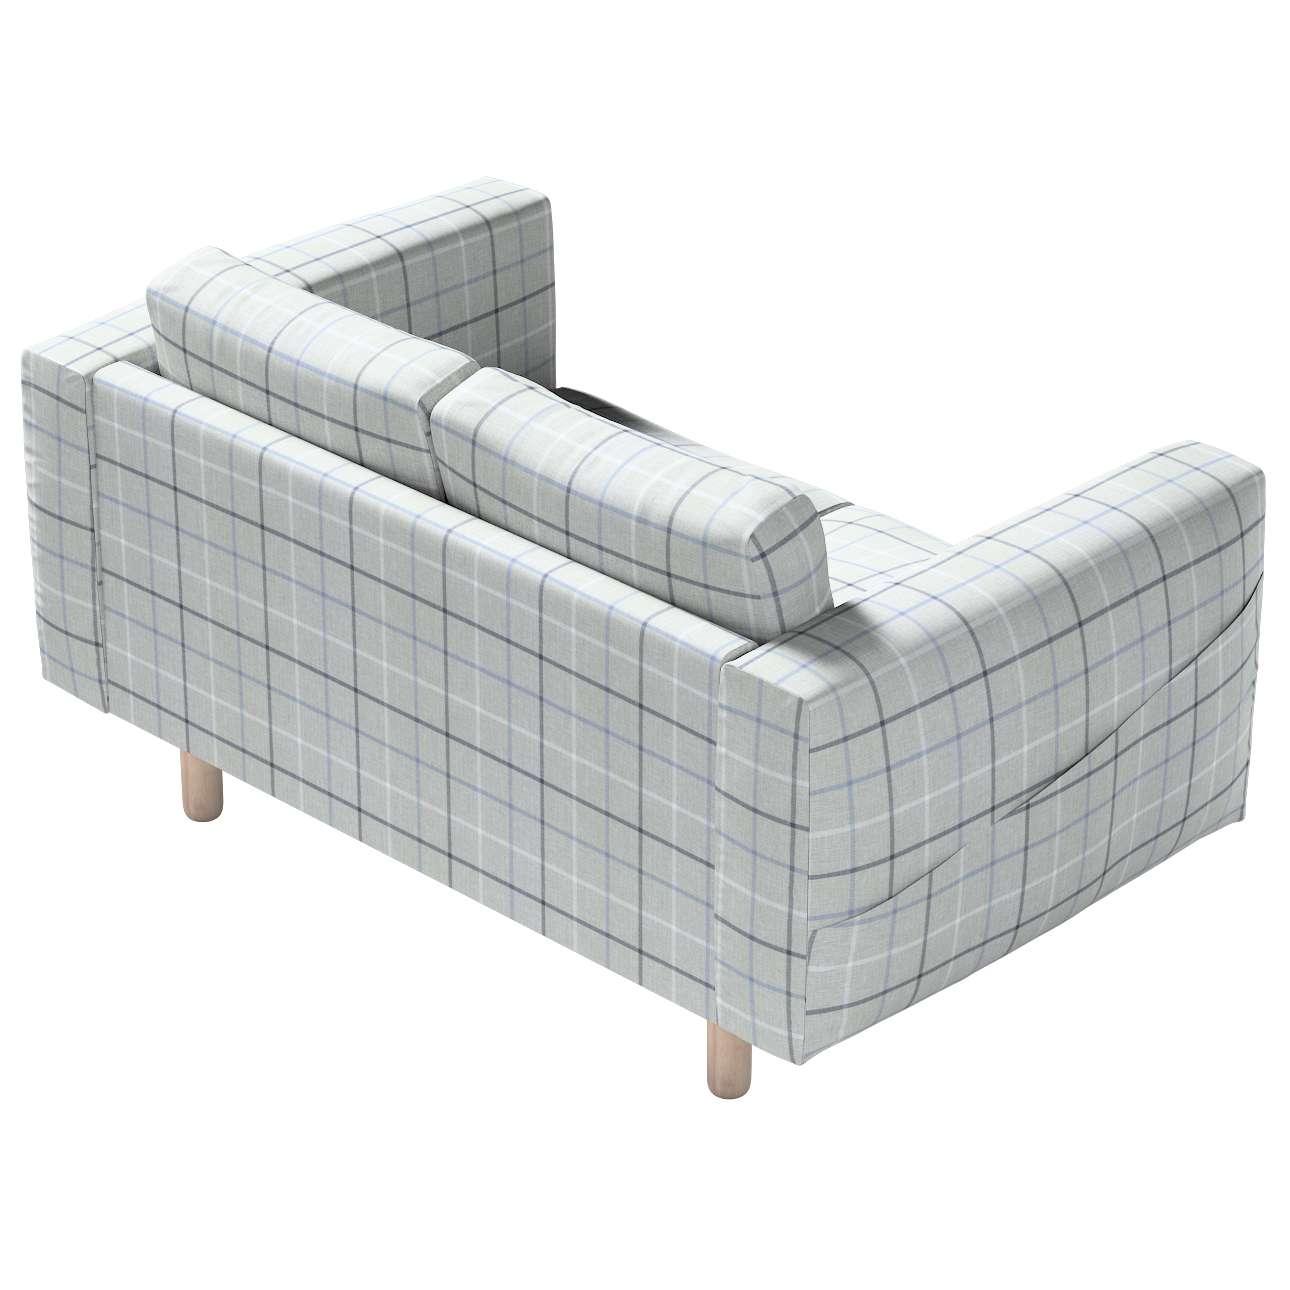 Pokrowiec na sofę Norsborg 2-osobową w kolekcji Edinburgh, tkanina: 703-18